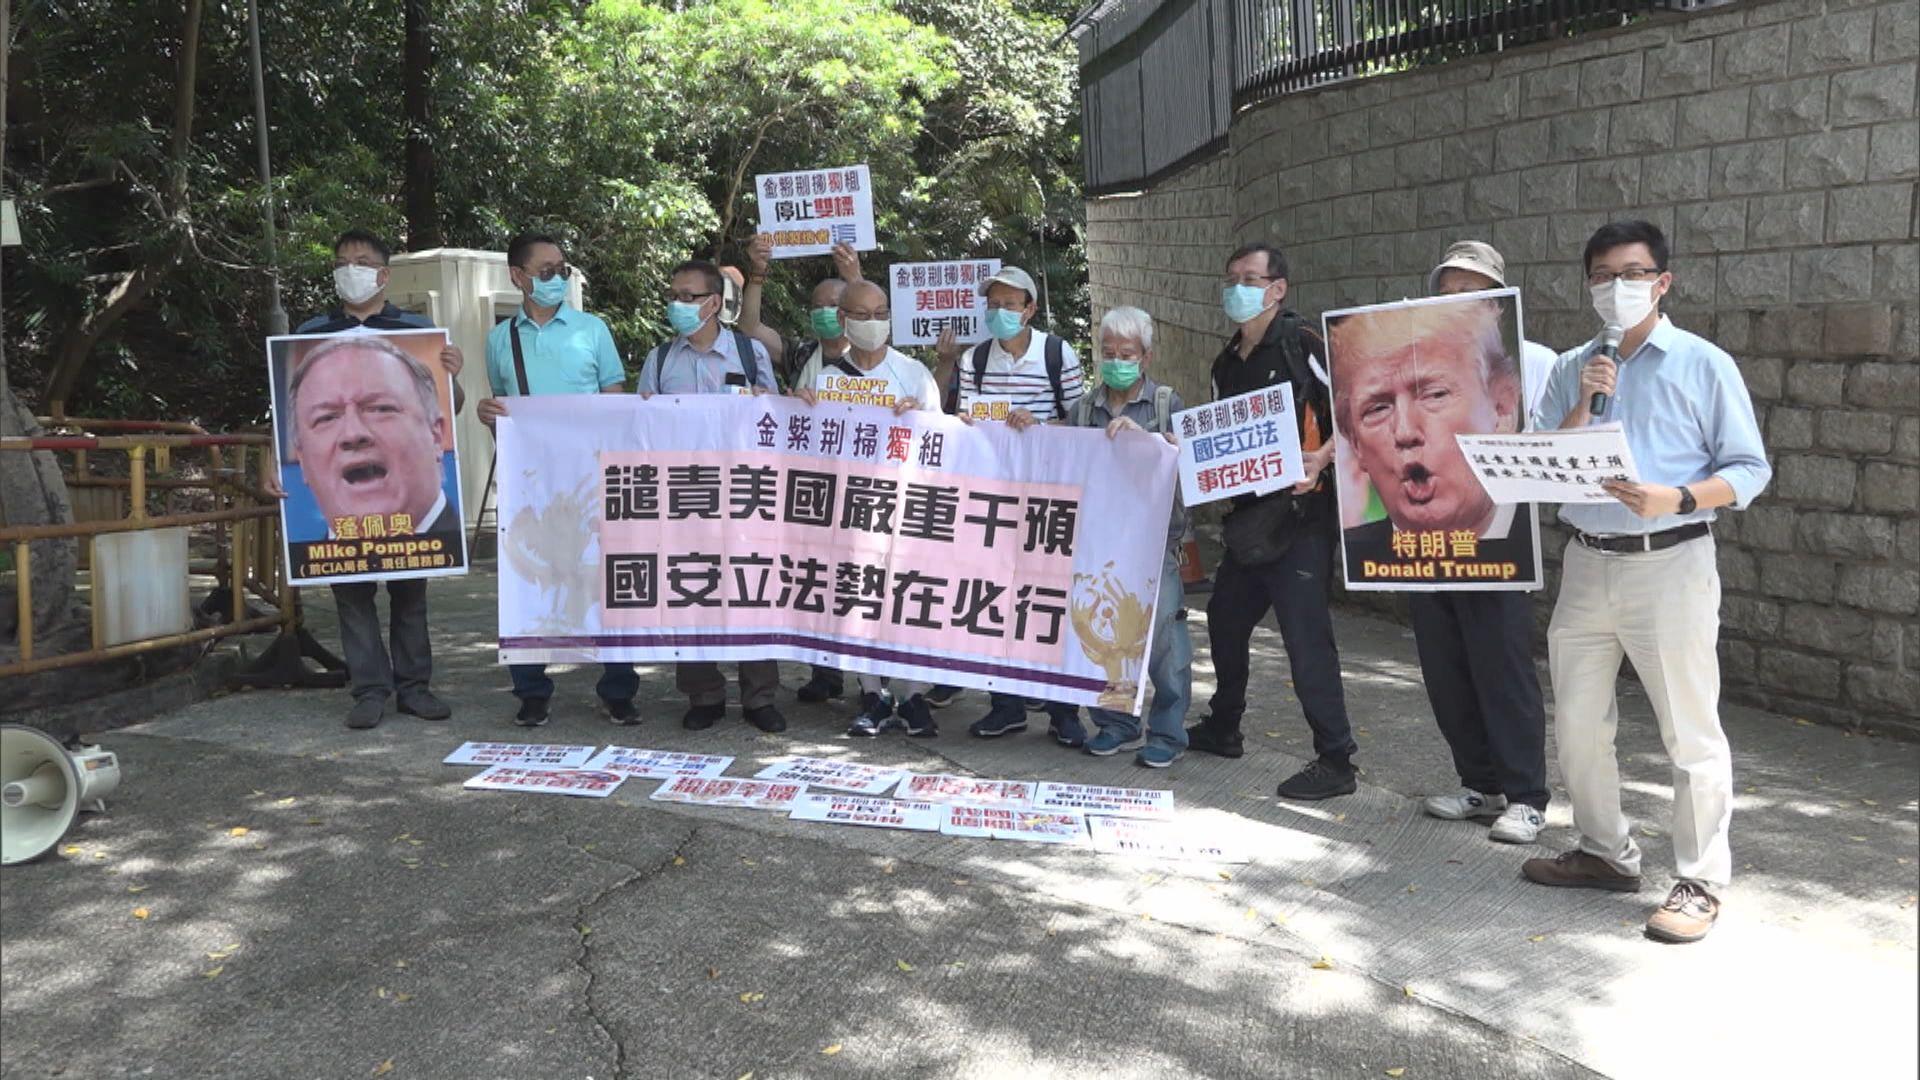 團體到美國領事館抗議美方嚴重干預中國內政